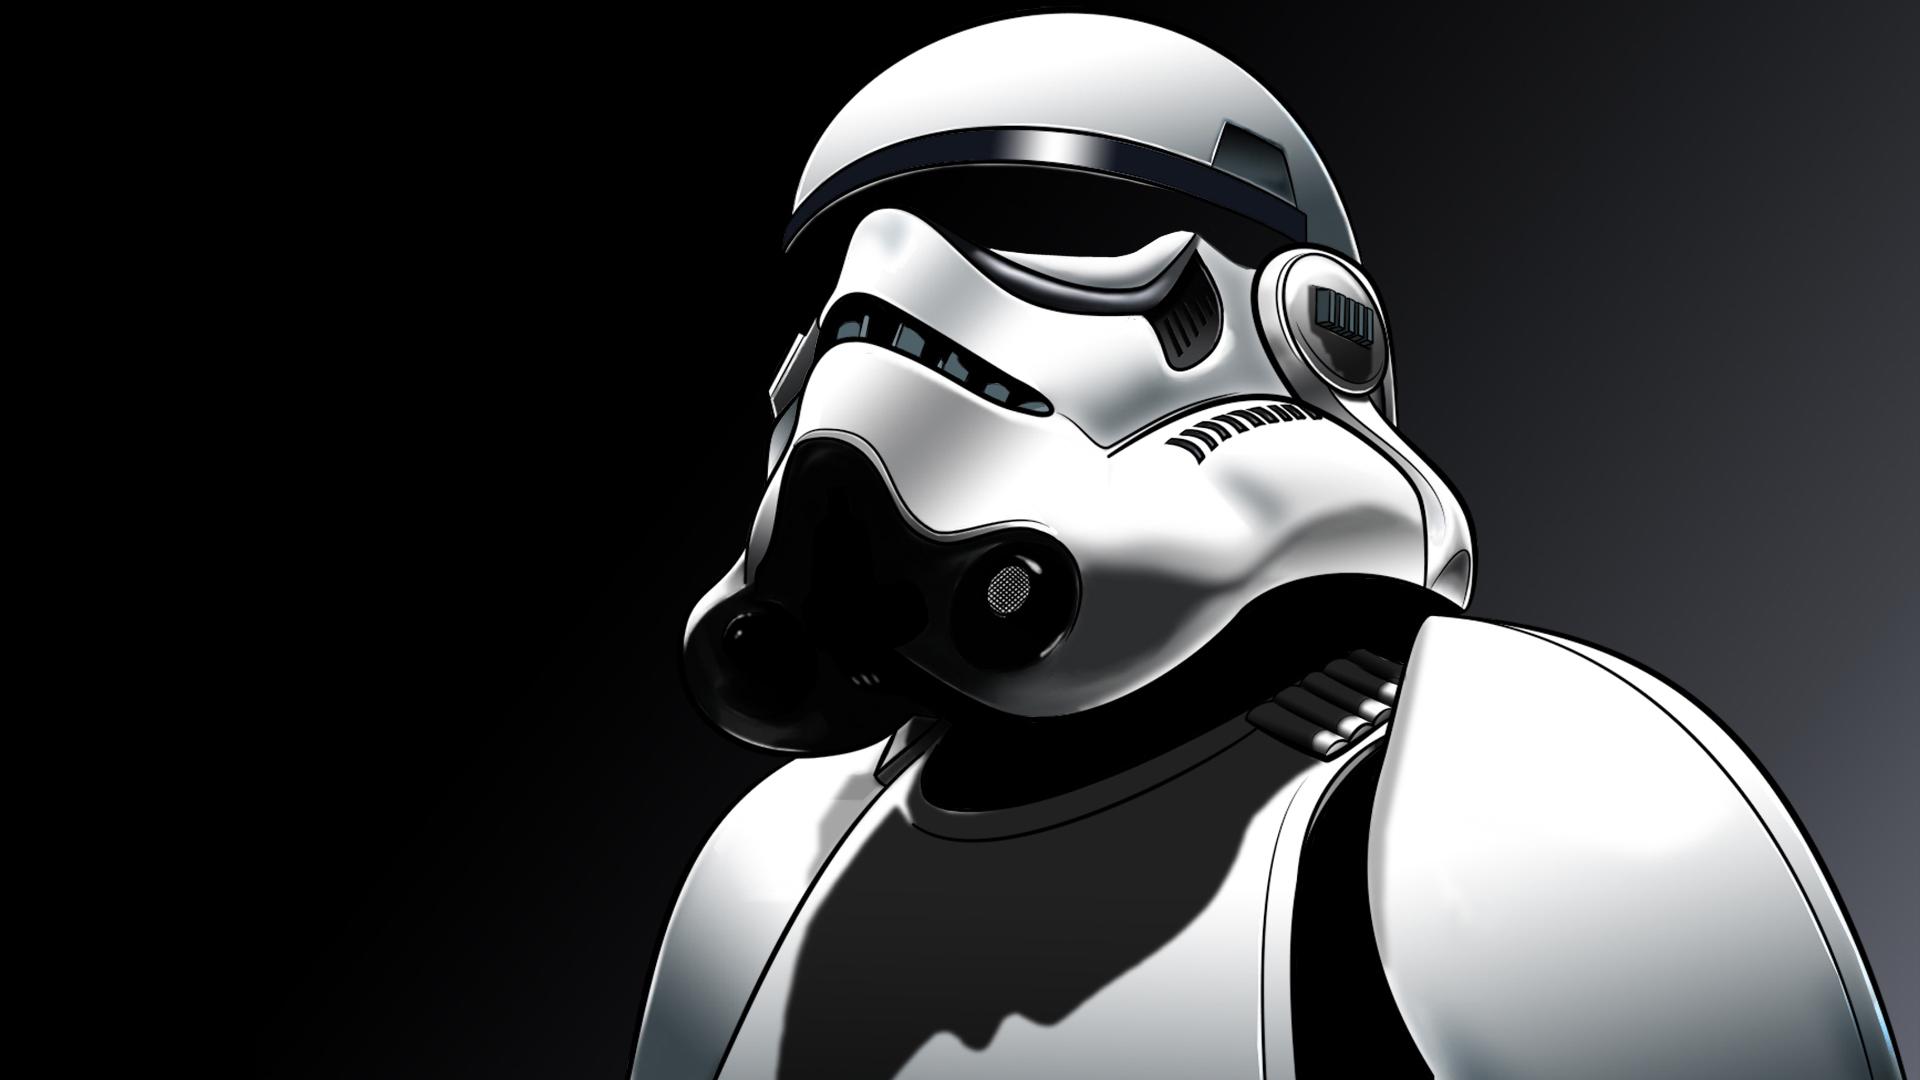 Stormtrooper Wallpaper - WallpaperSafari